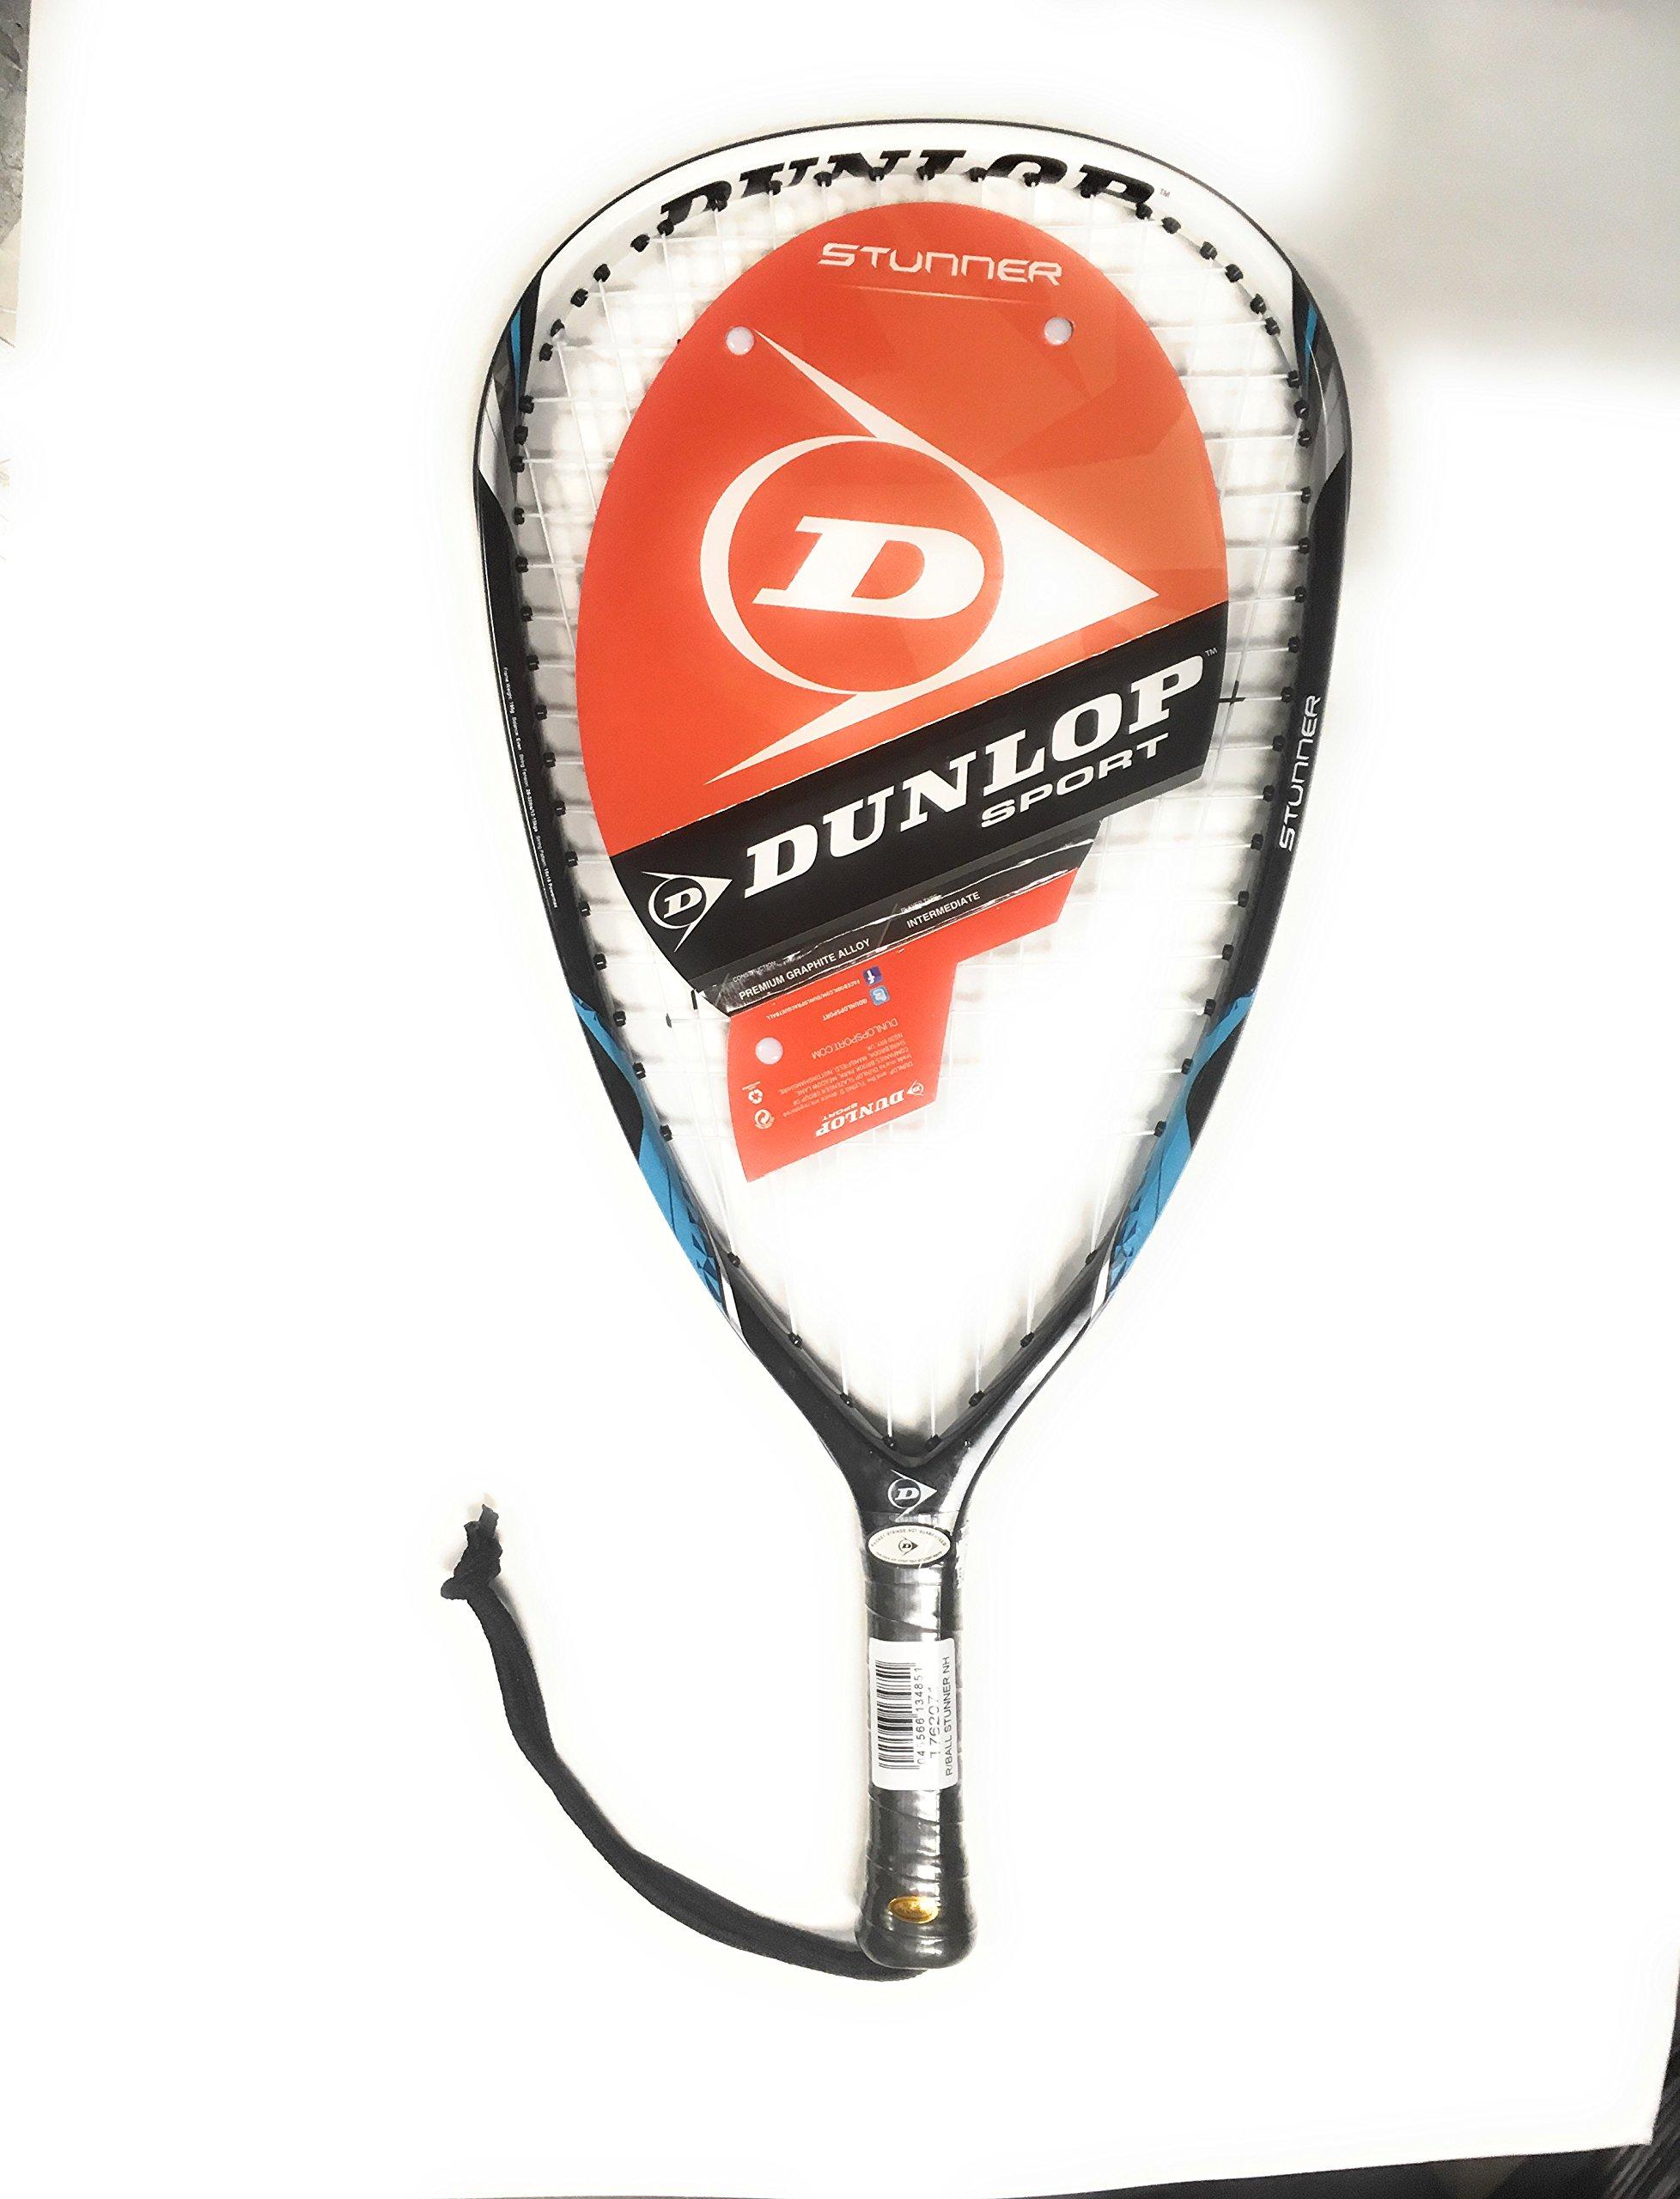 Dunlop Stunner Racquetball Racquet (195)